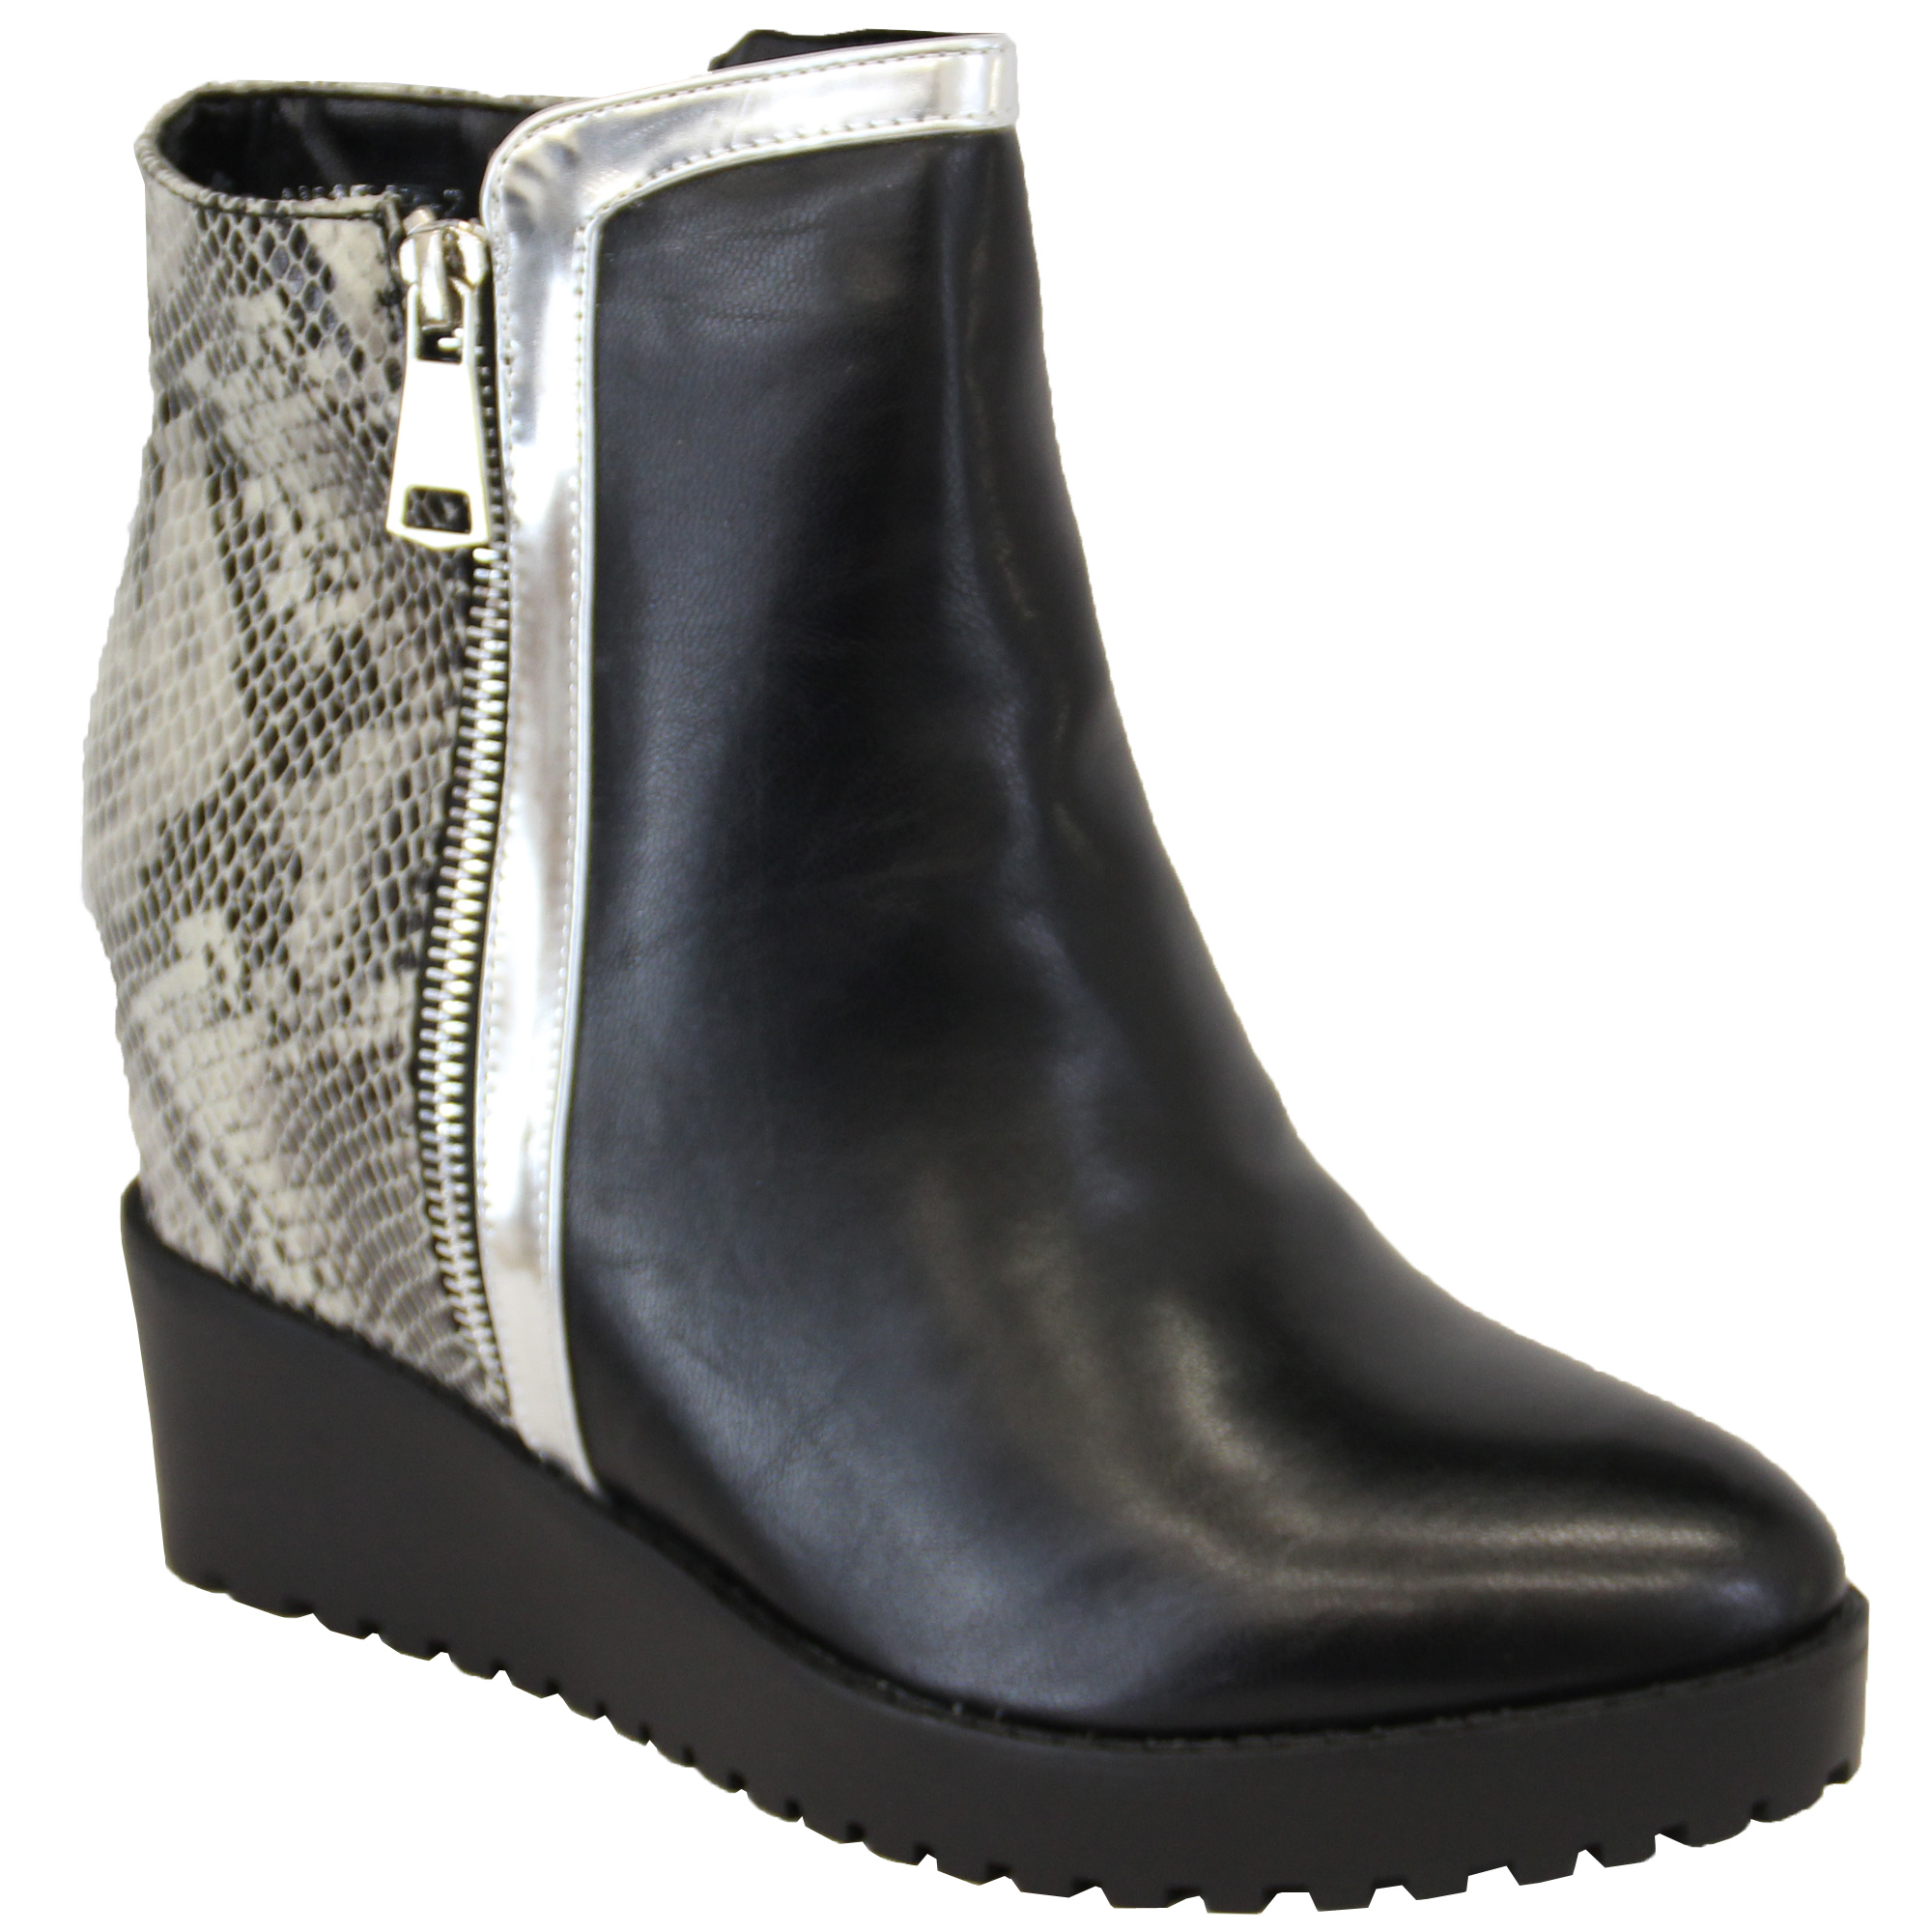 Ladies Grey Wedge Shoes